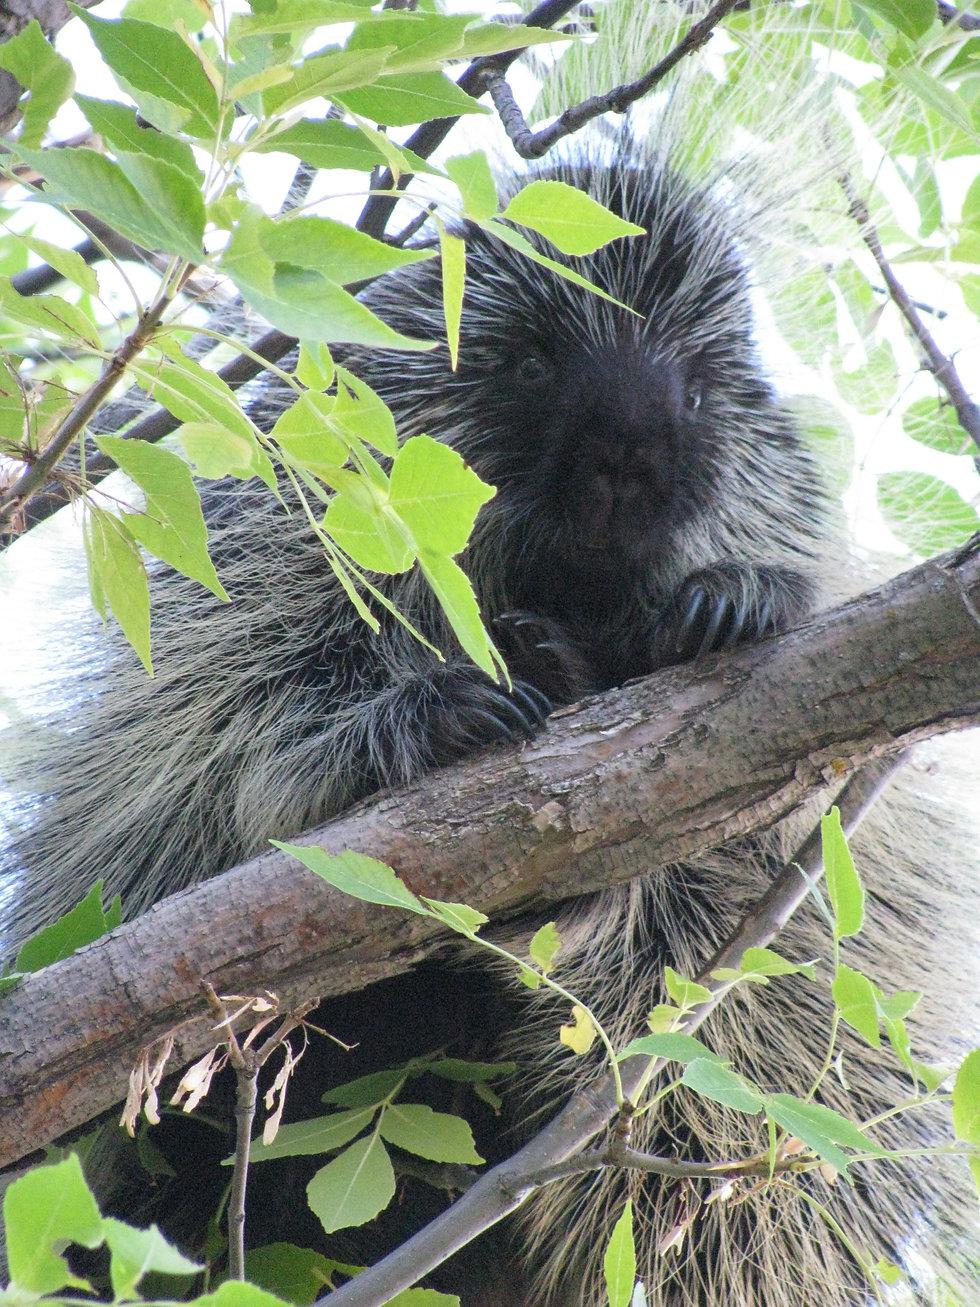 Prickly Bowhunting Topics